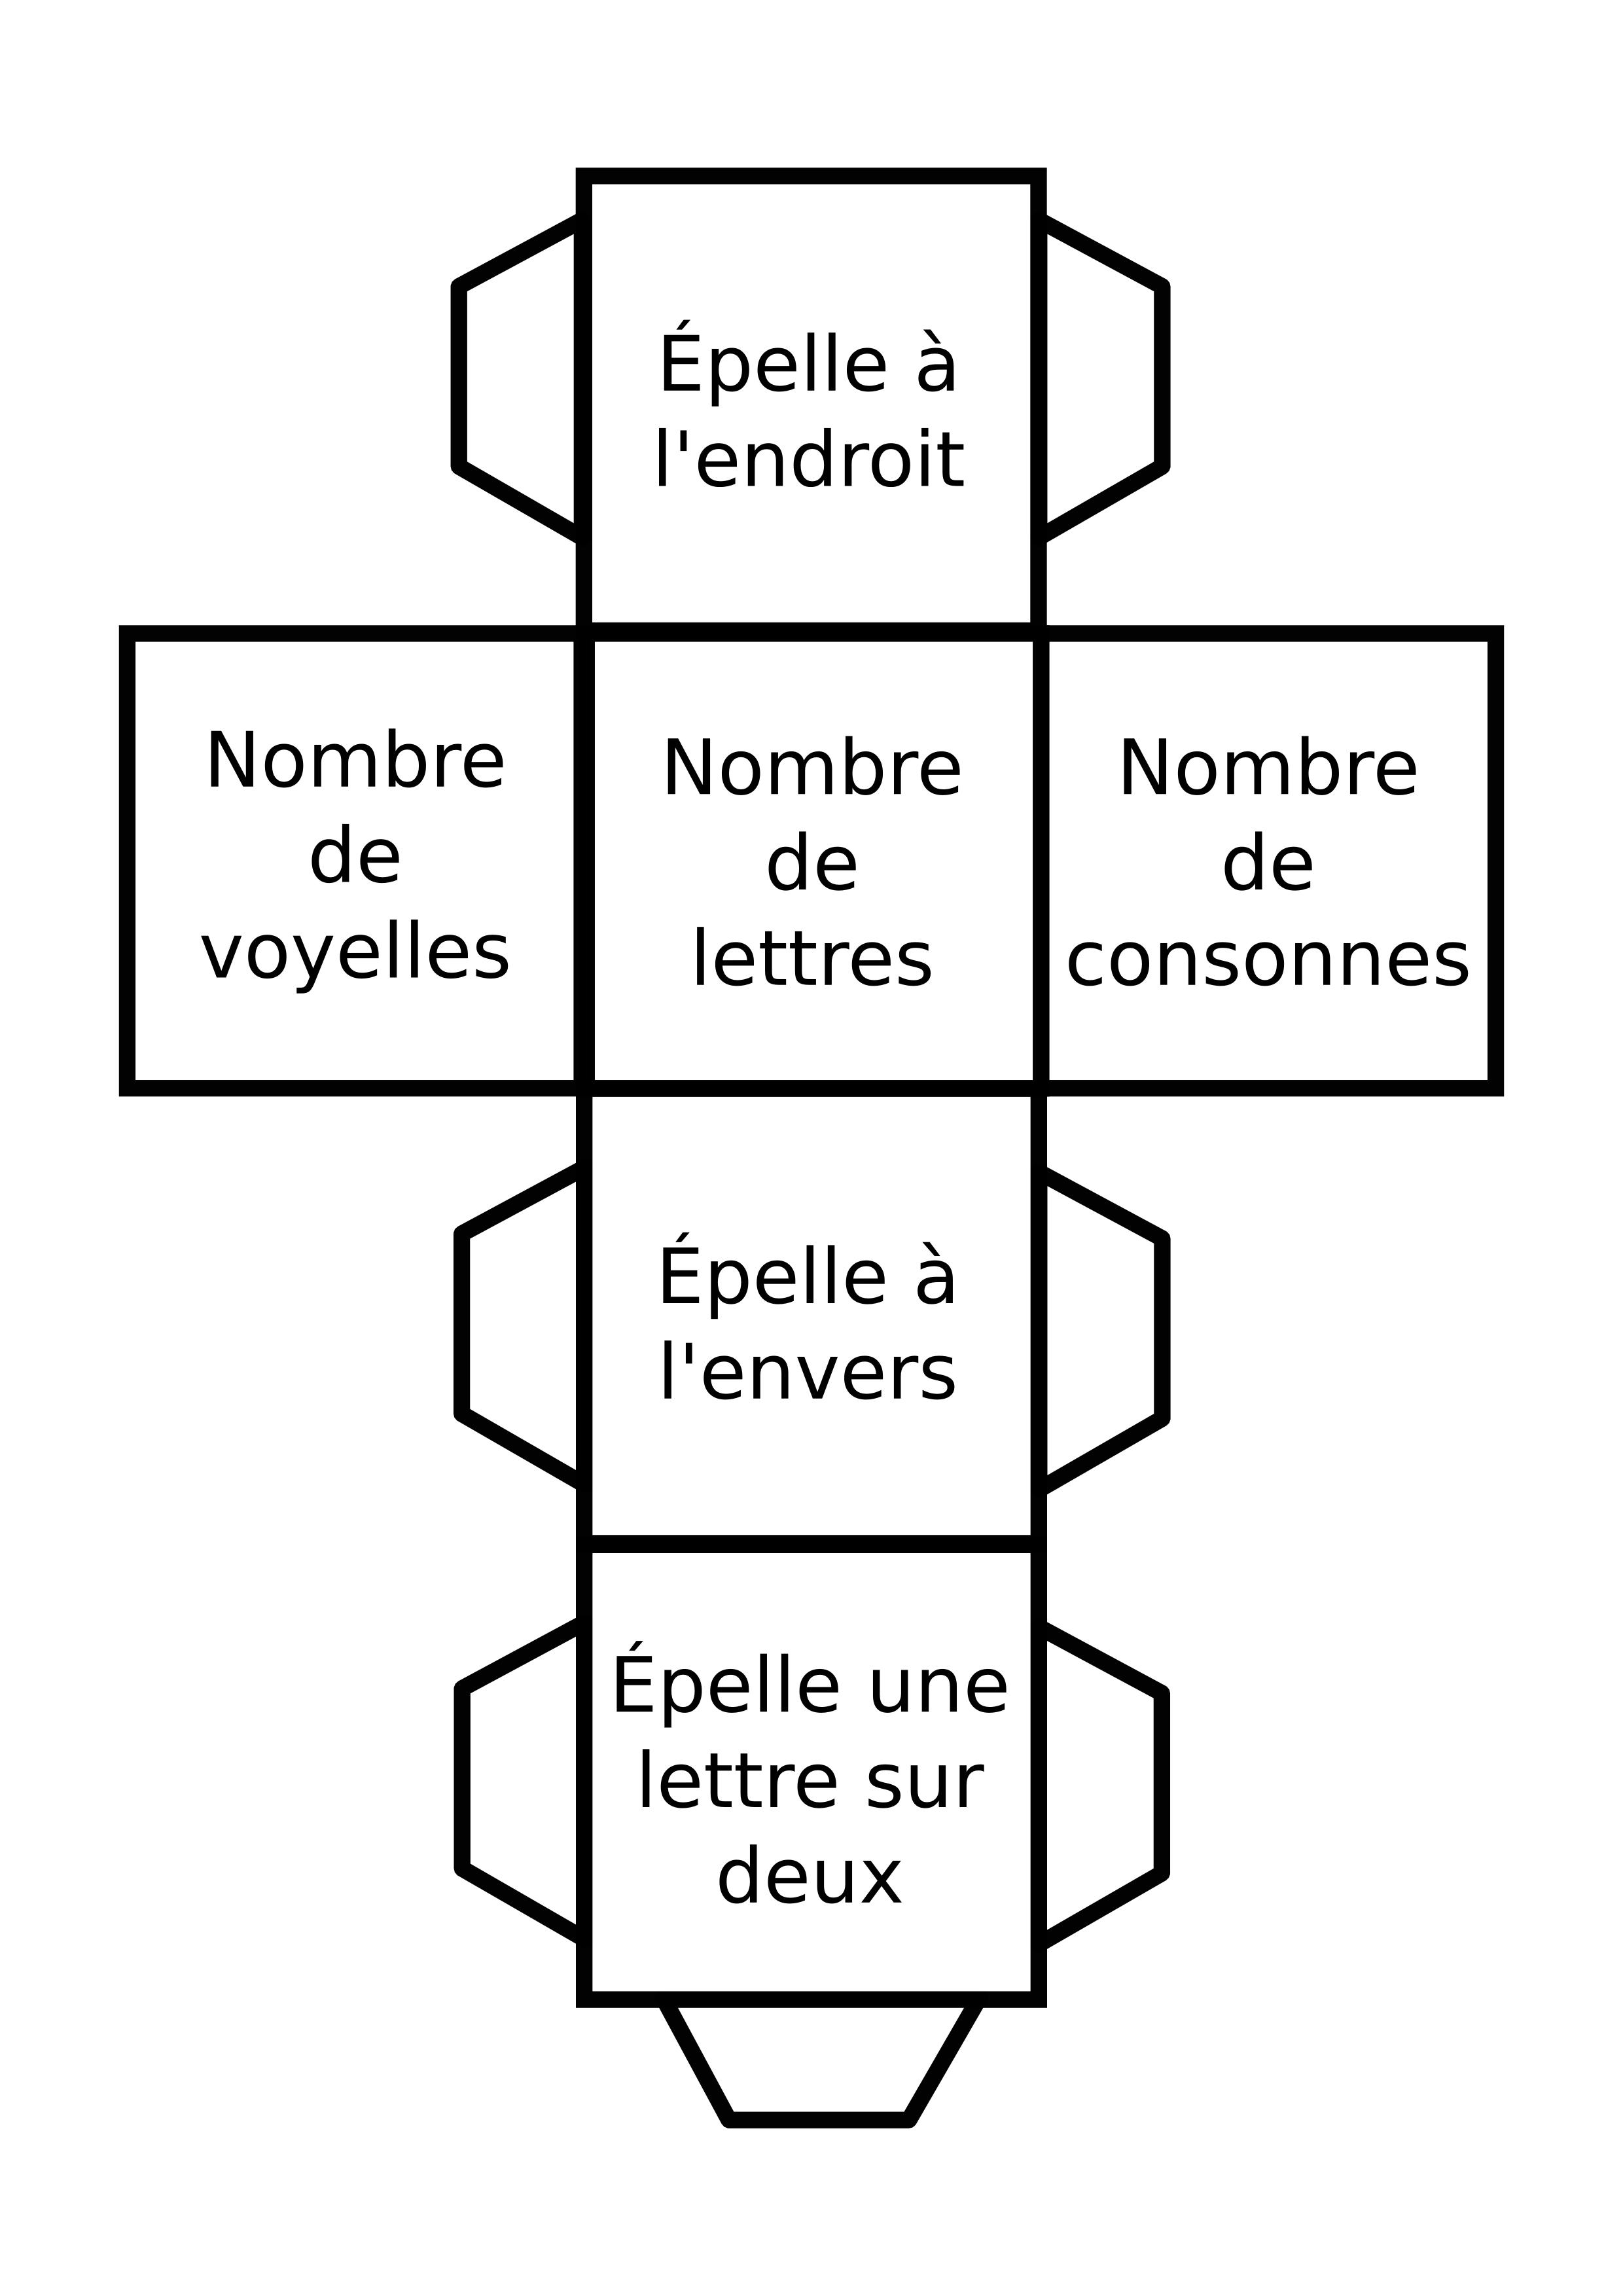 Jeu Mov – Entraînement De La Mémoire Orthographique Visuelle avec Jeux De Mémoire Visuelle À Imprimer